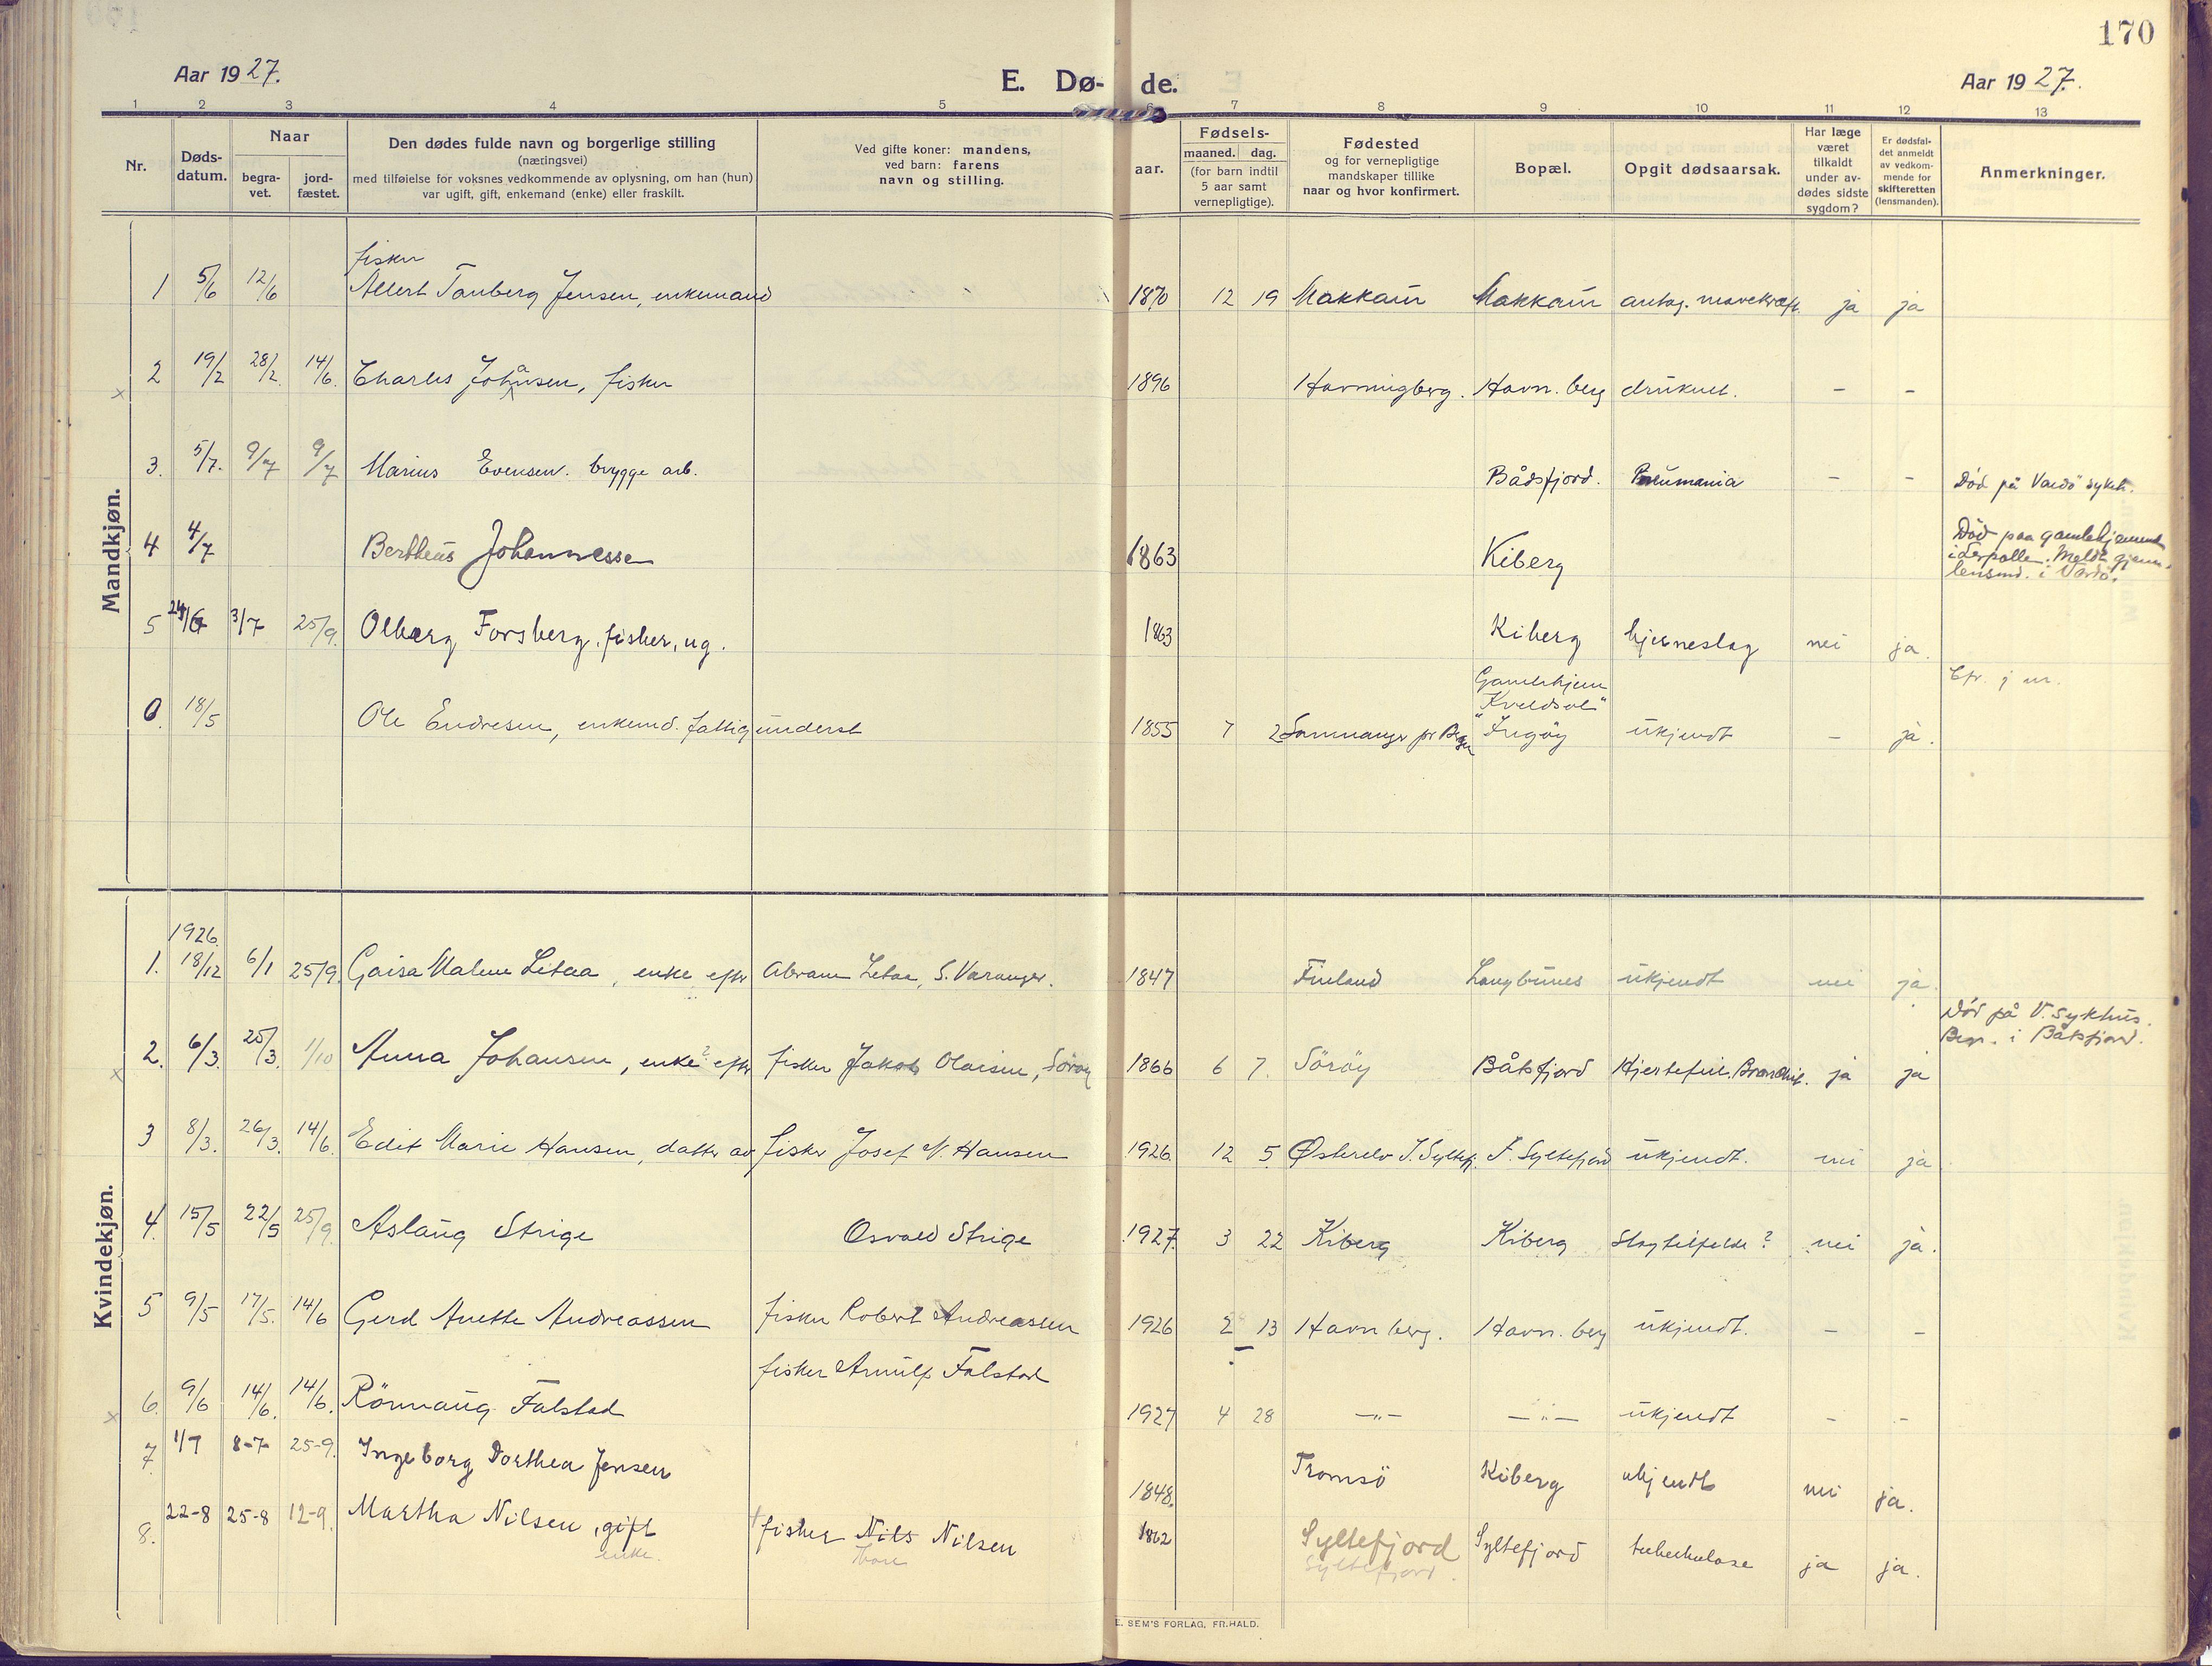 SATØ, Vardø sokneprestkontor, H/Ha/L0013kirke: Ministerialbok nr. 13, 1912-1928, s. 170